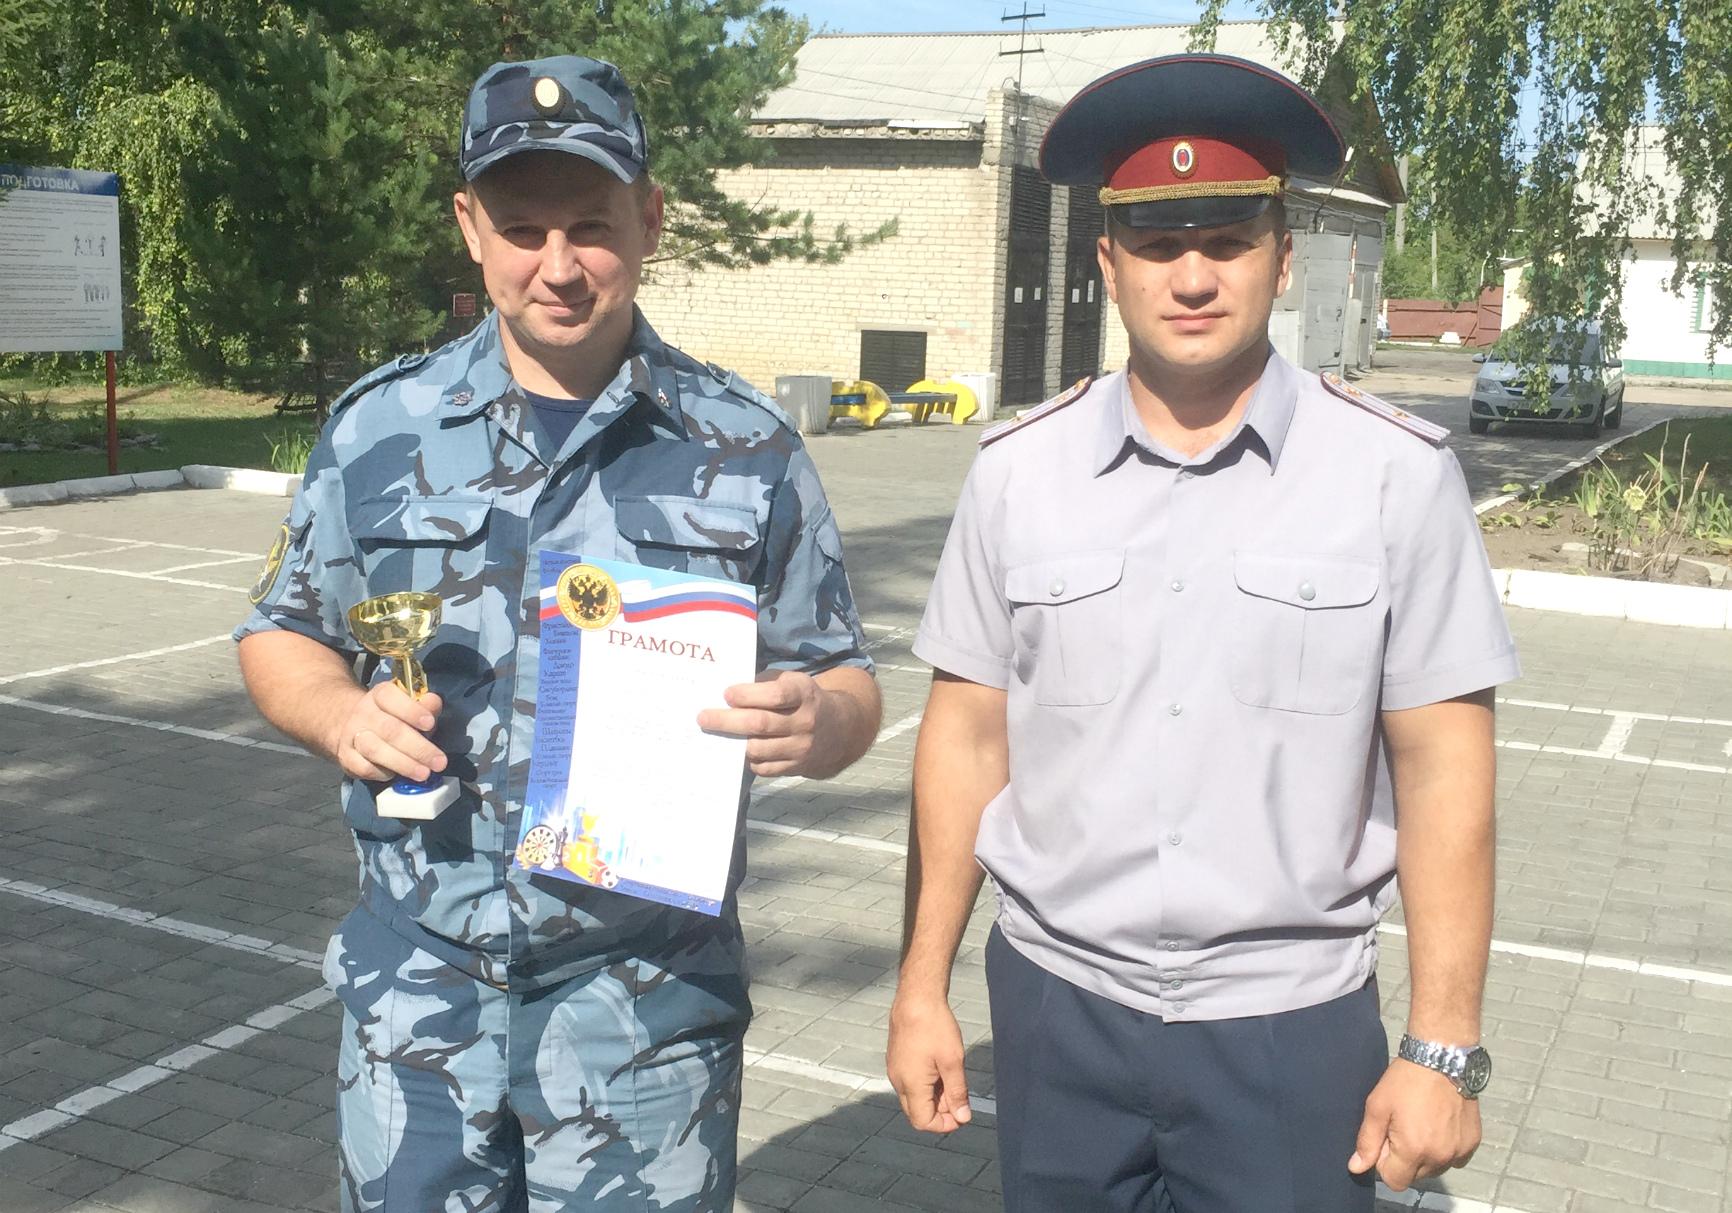 В отделе по конвоированию УФСИН России по Алтайскому краю выбрали лучшего водителя-сотрудника